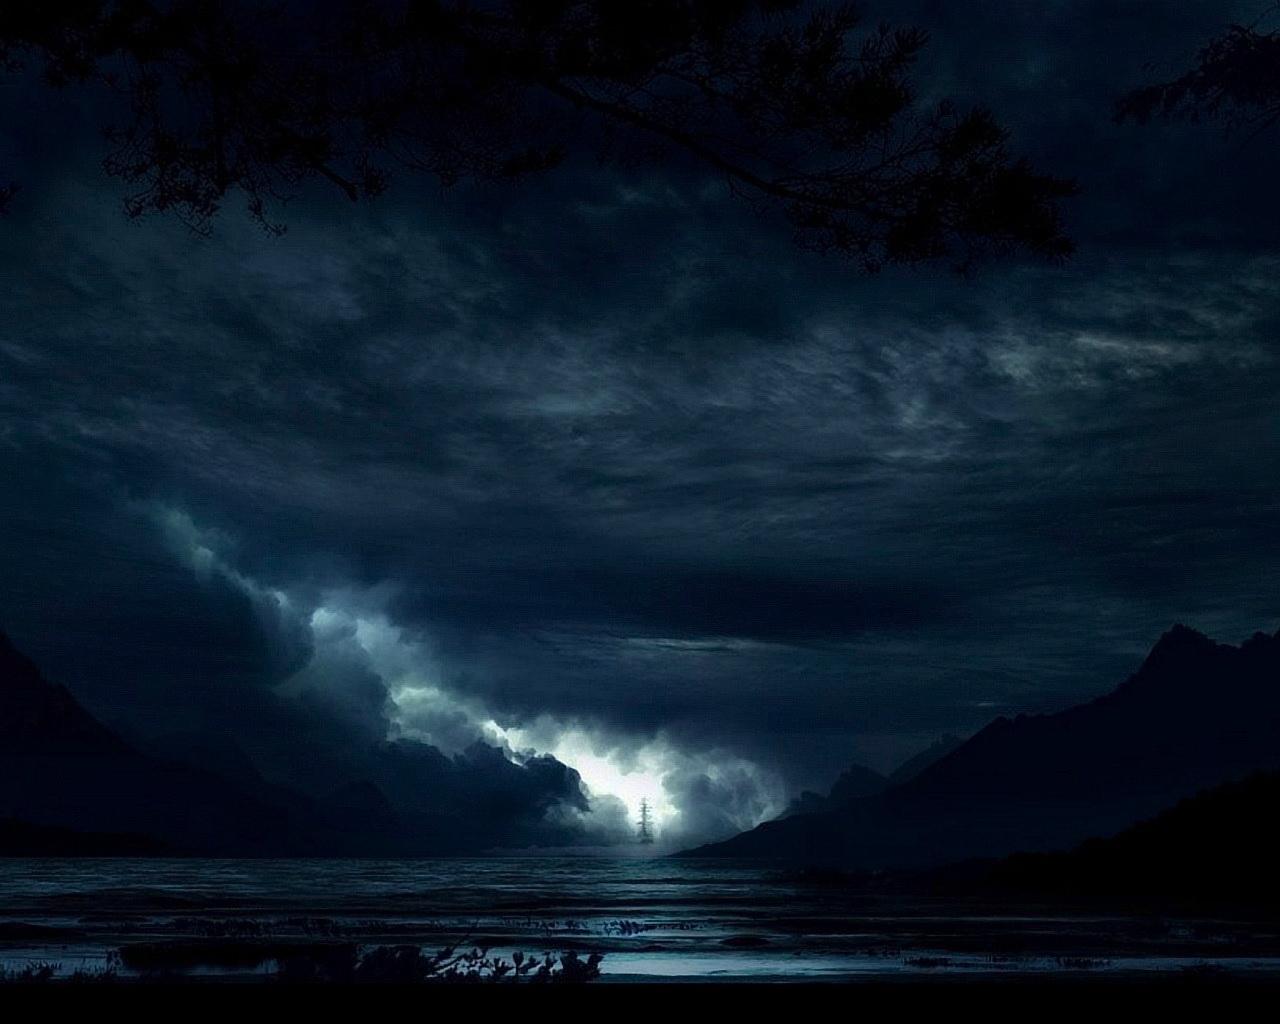 http://2.bp.blogspot.com/-DEB7bs4AbvY/TVuP1chdFtI/AAAAAAAAJgo/kWvjZ53xAg8/s1600/dark-night.jpg